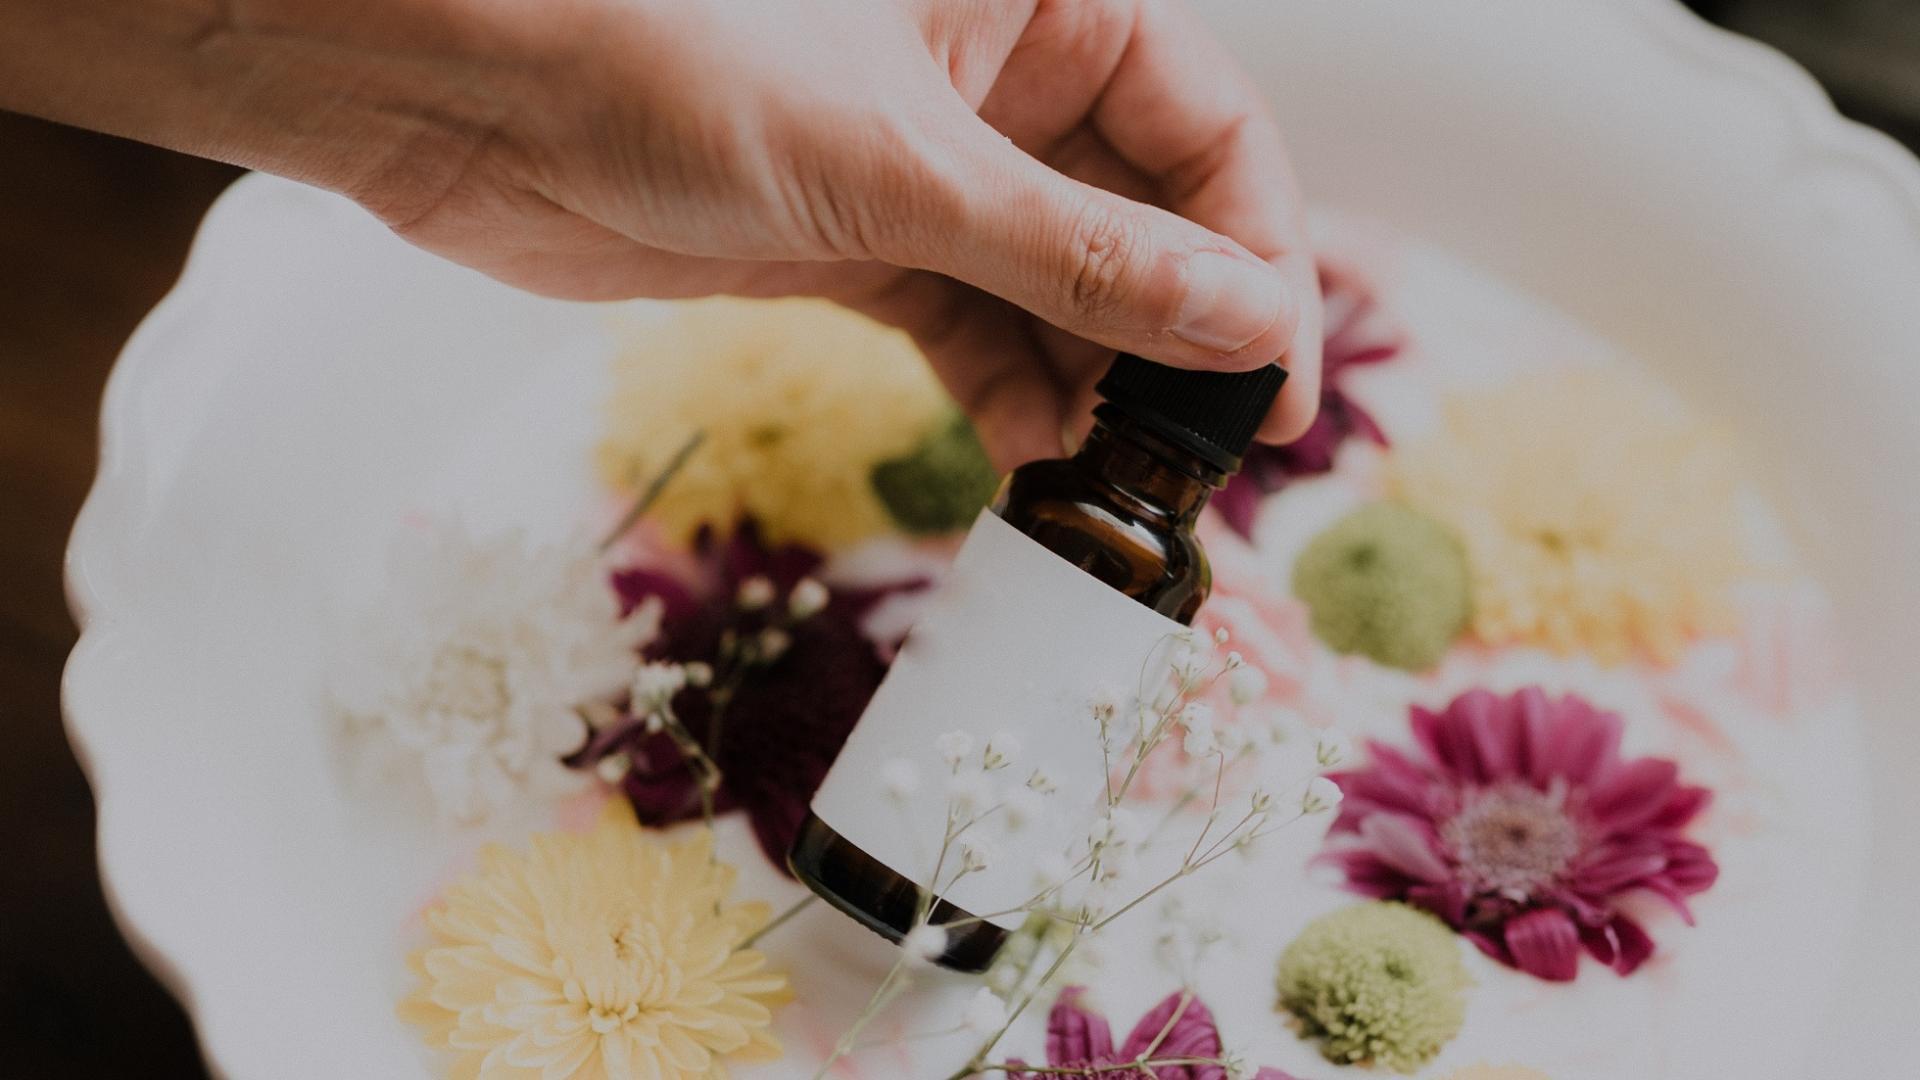 Hand hält Öl vor einer Schüssel mit Blumen